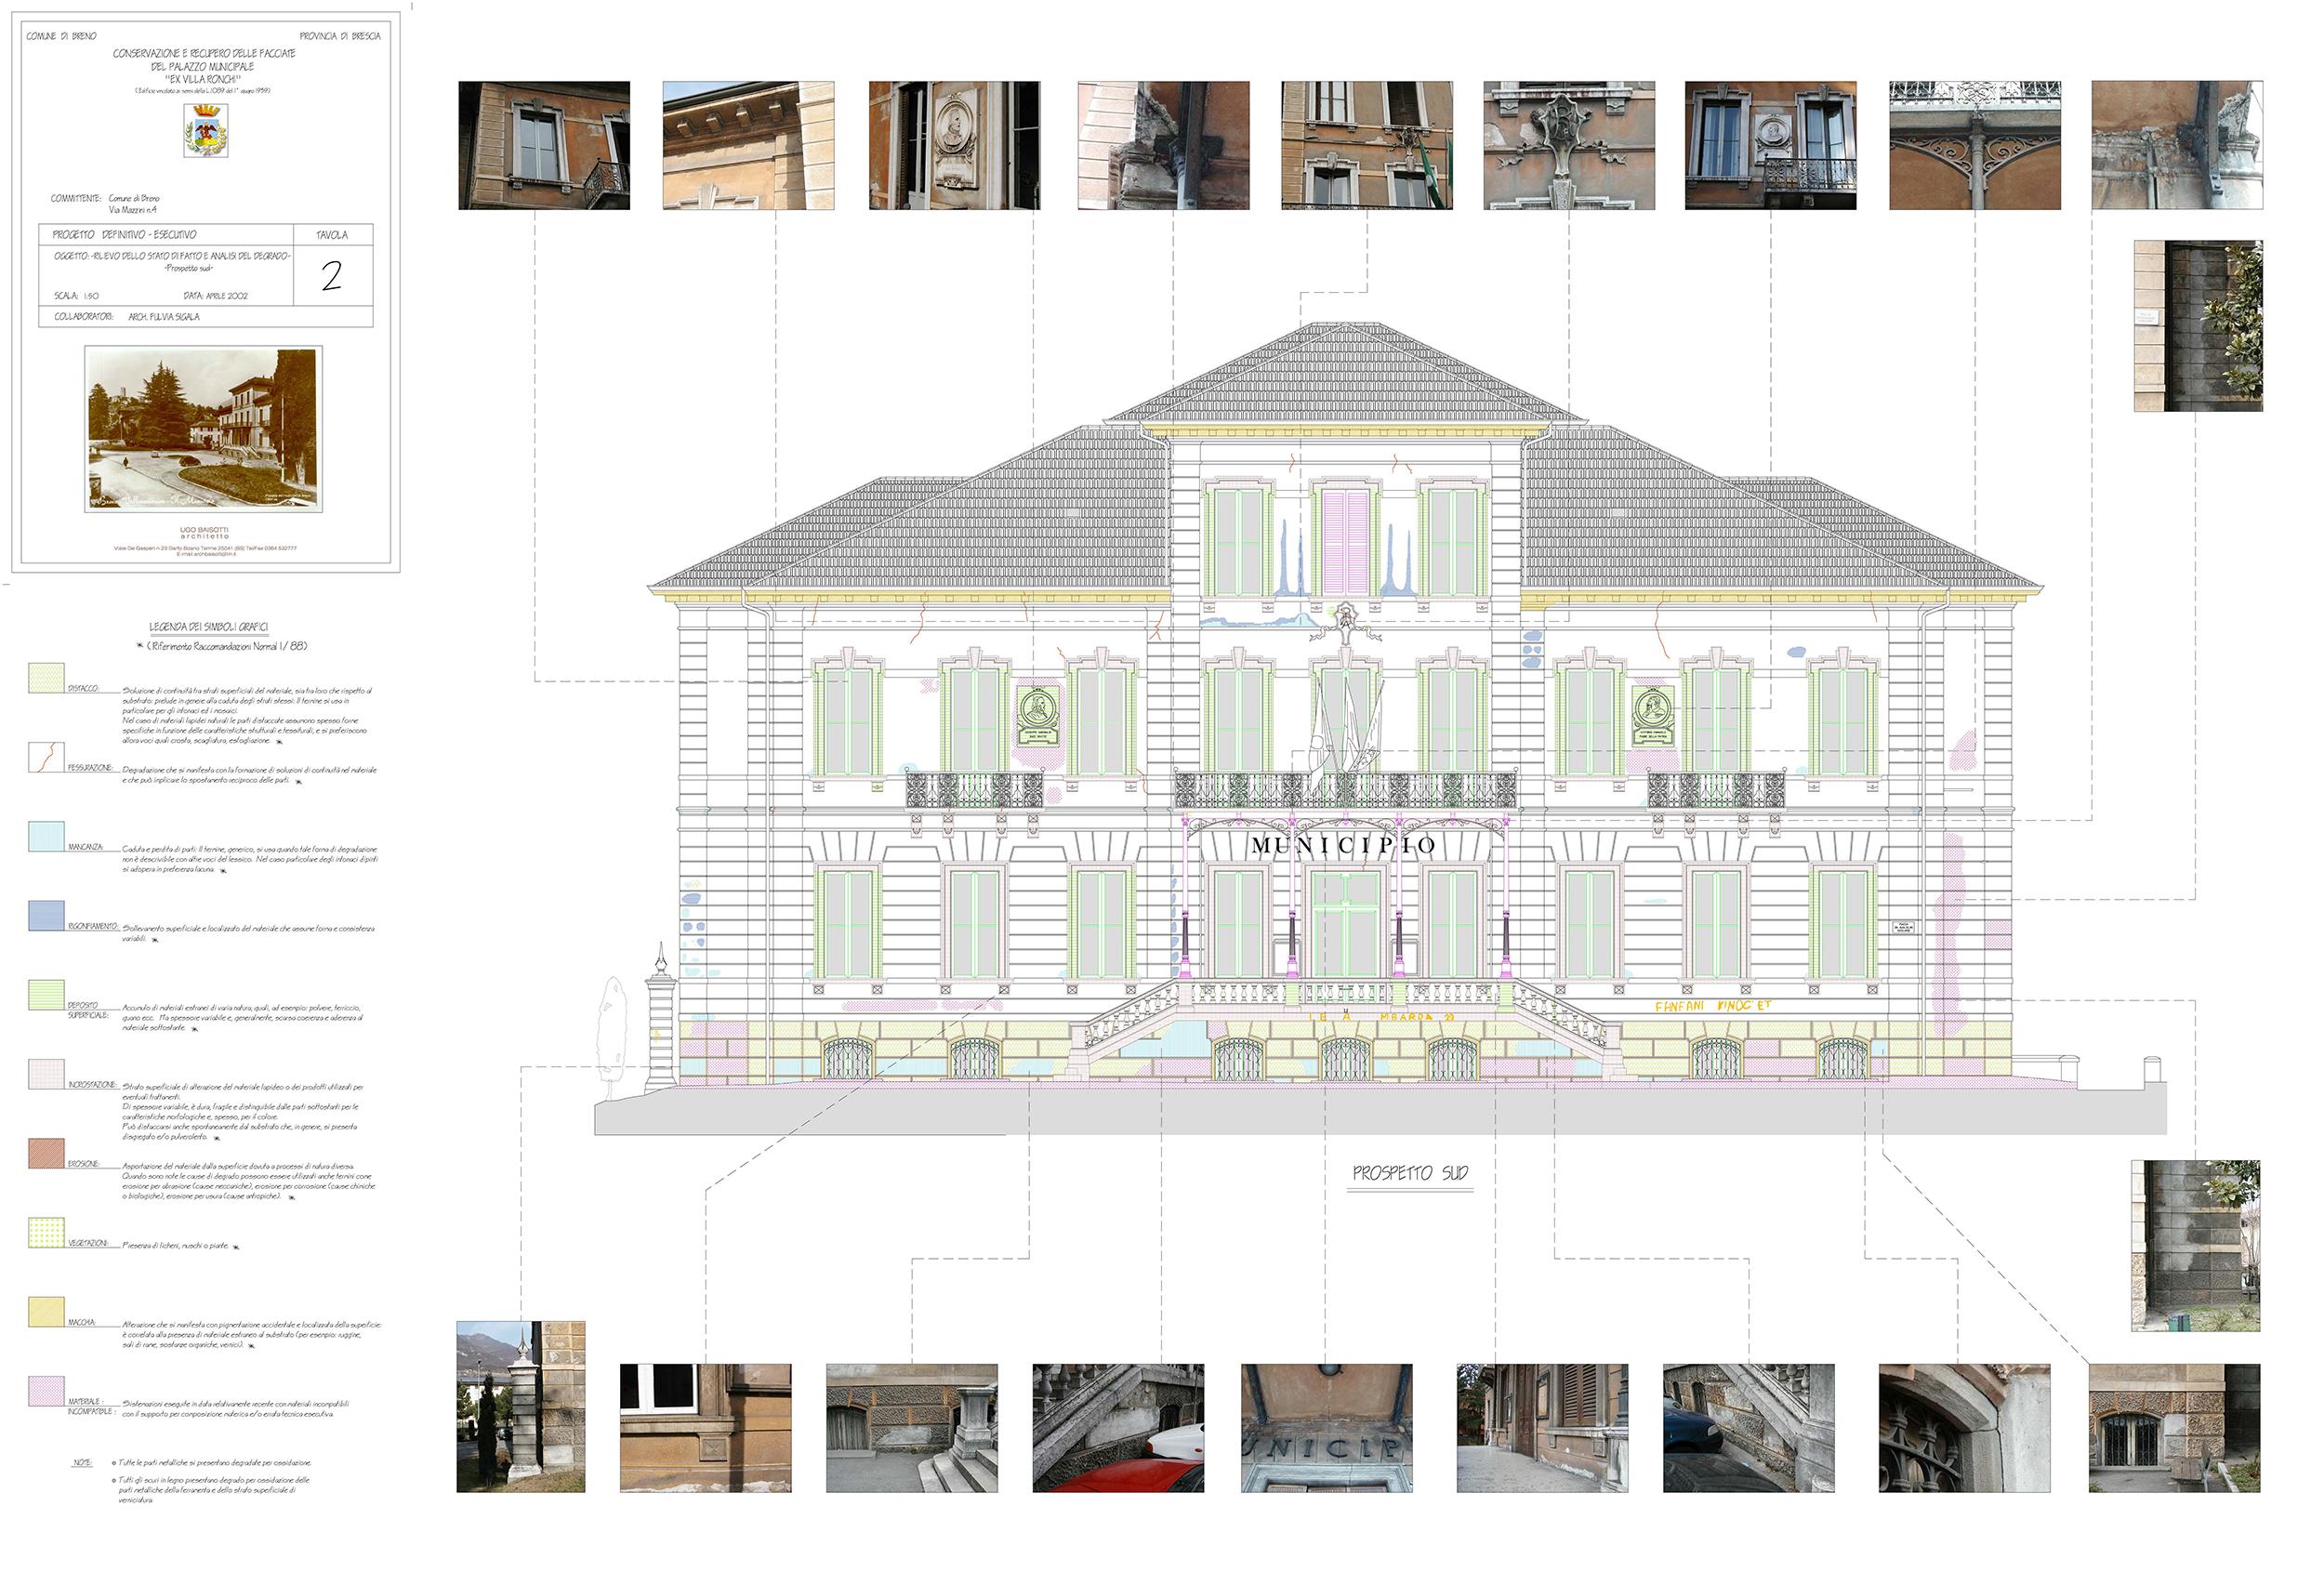 Studio-di-architettura-Baisotti-Sigala-prgetti185-2-copia